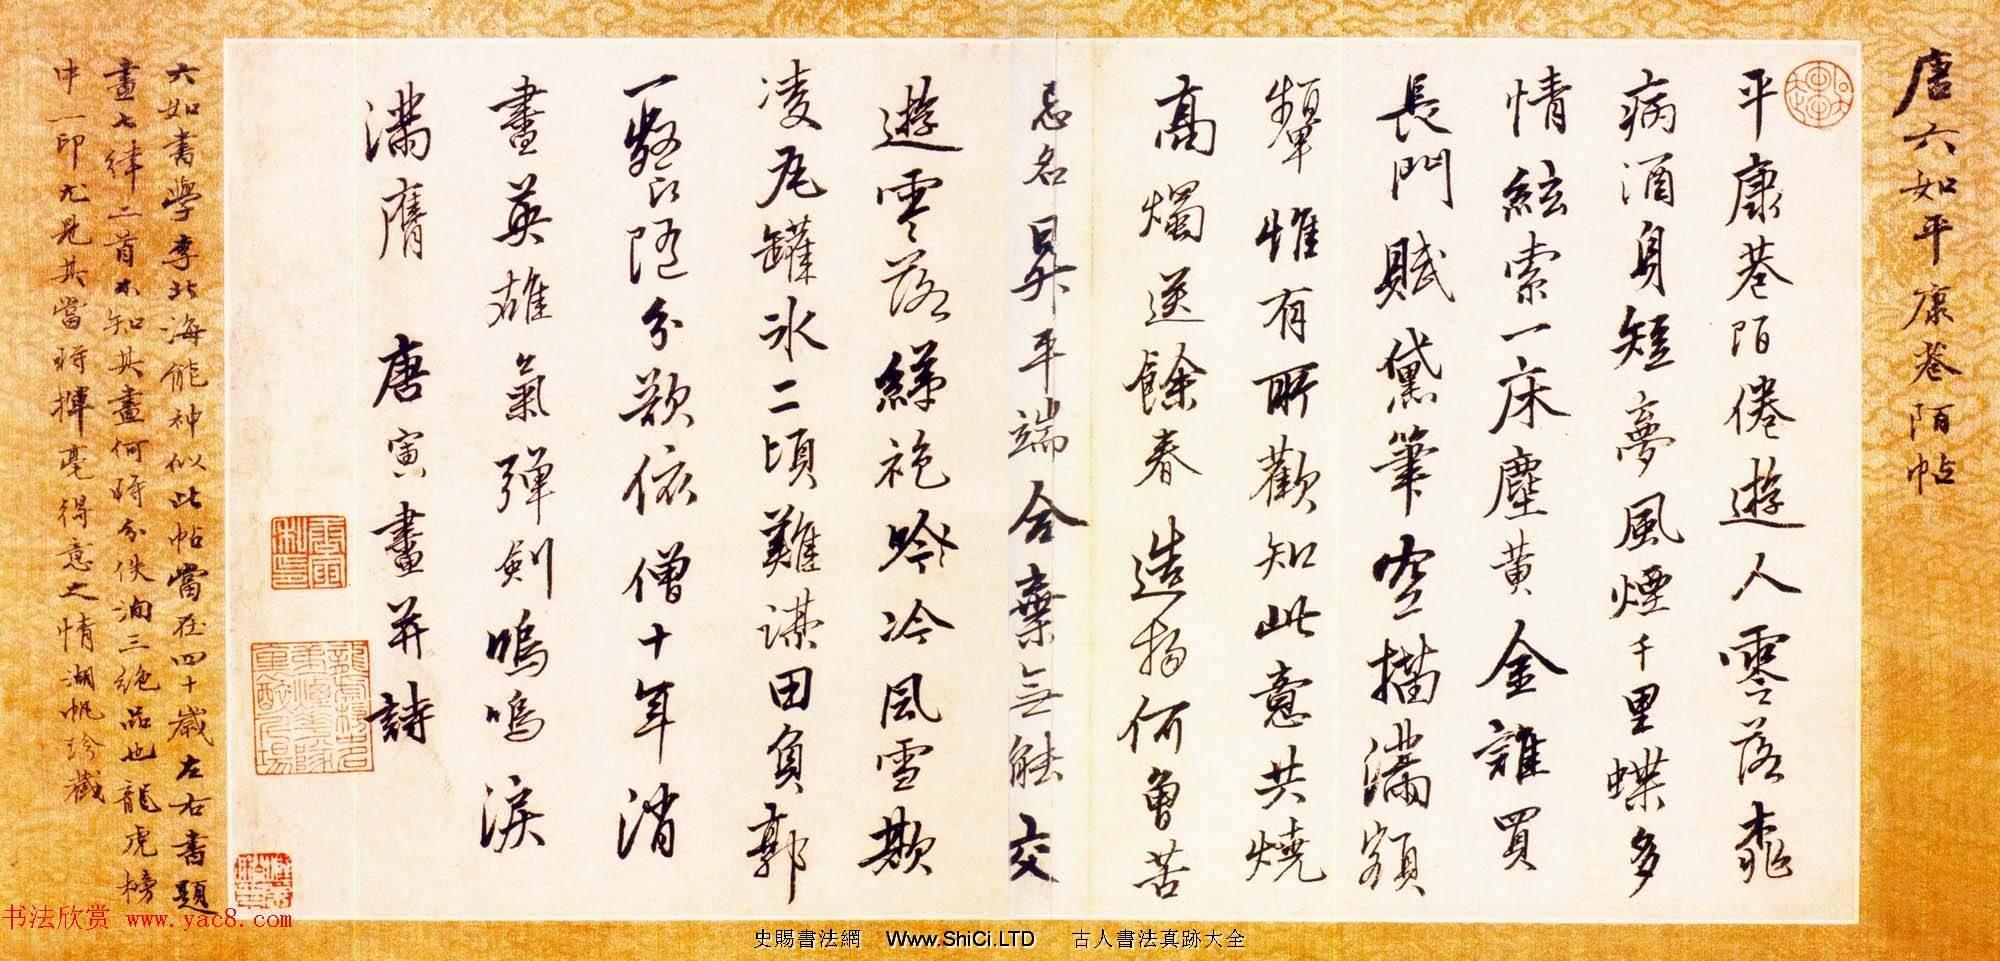 唐寅行書橫幅真跡欣賞《唐六如平康卷陌帖》(共4張圖片)